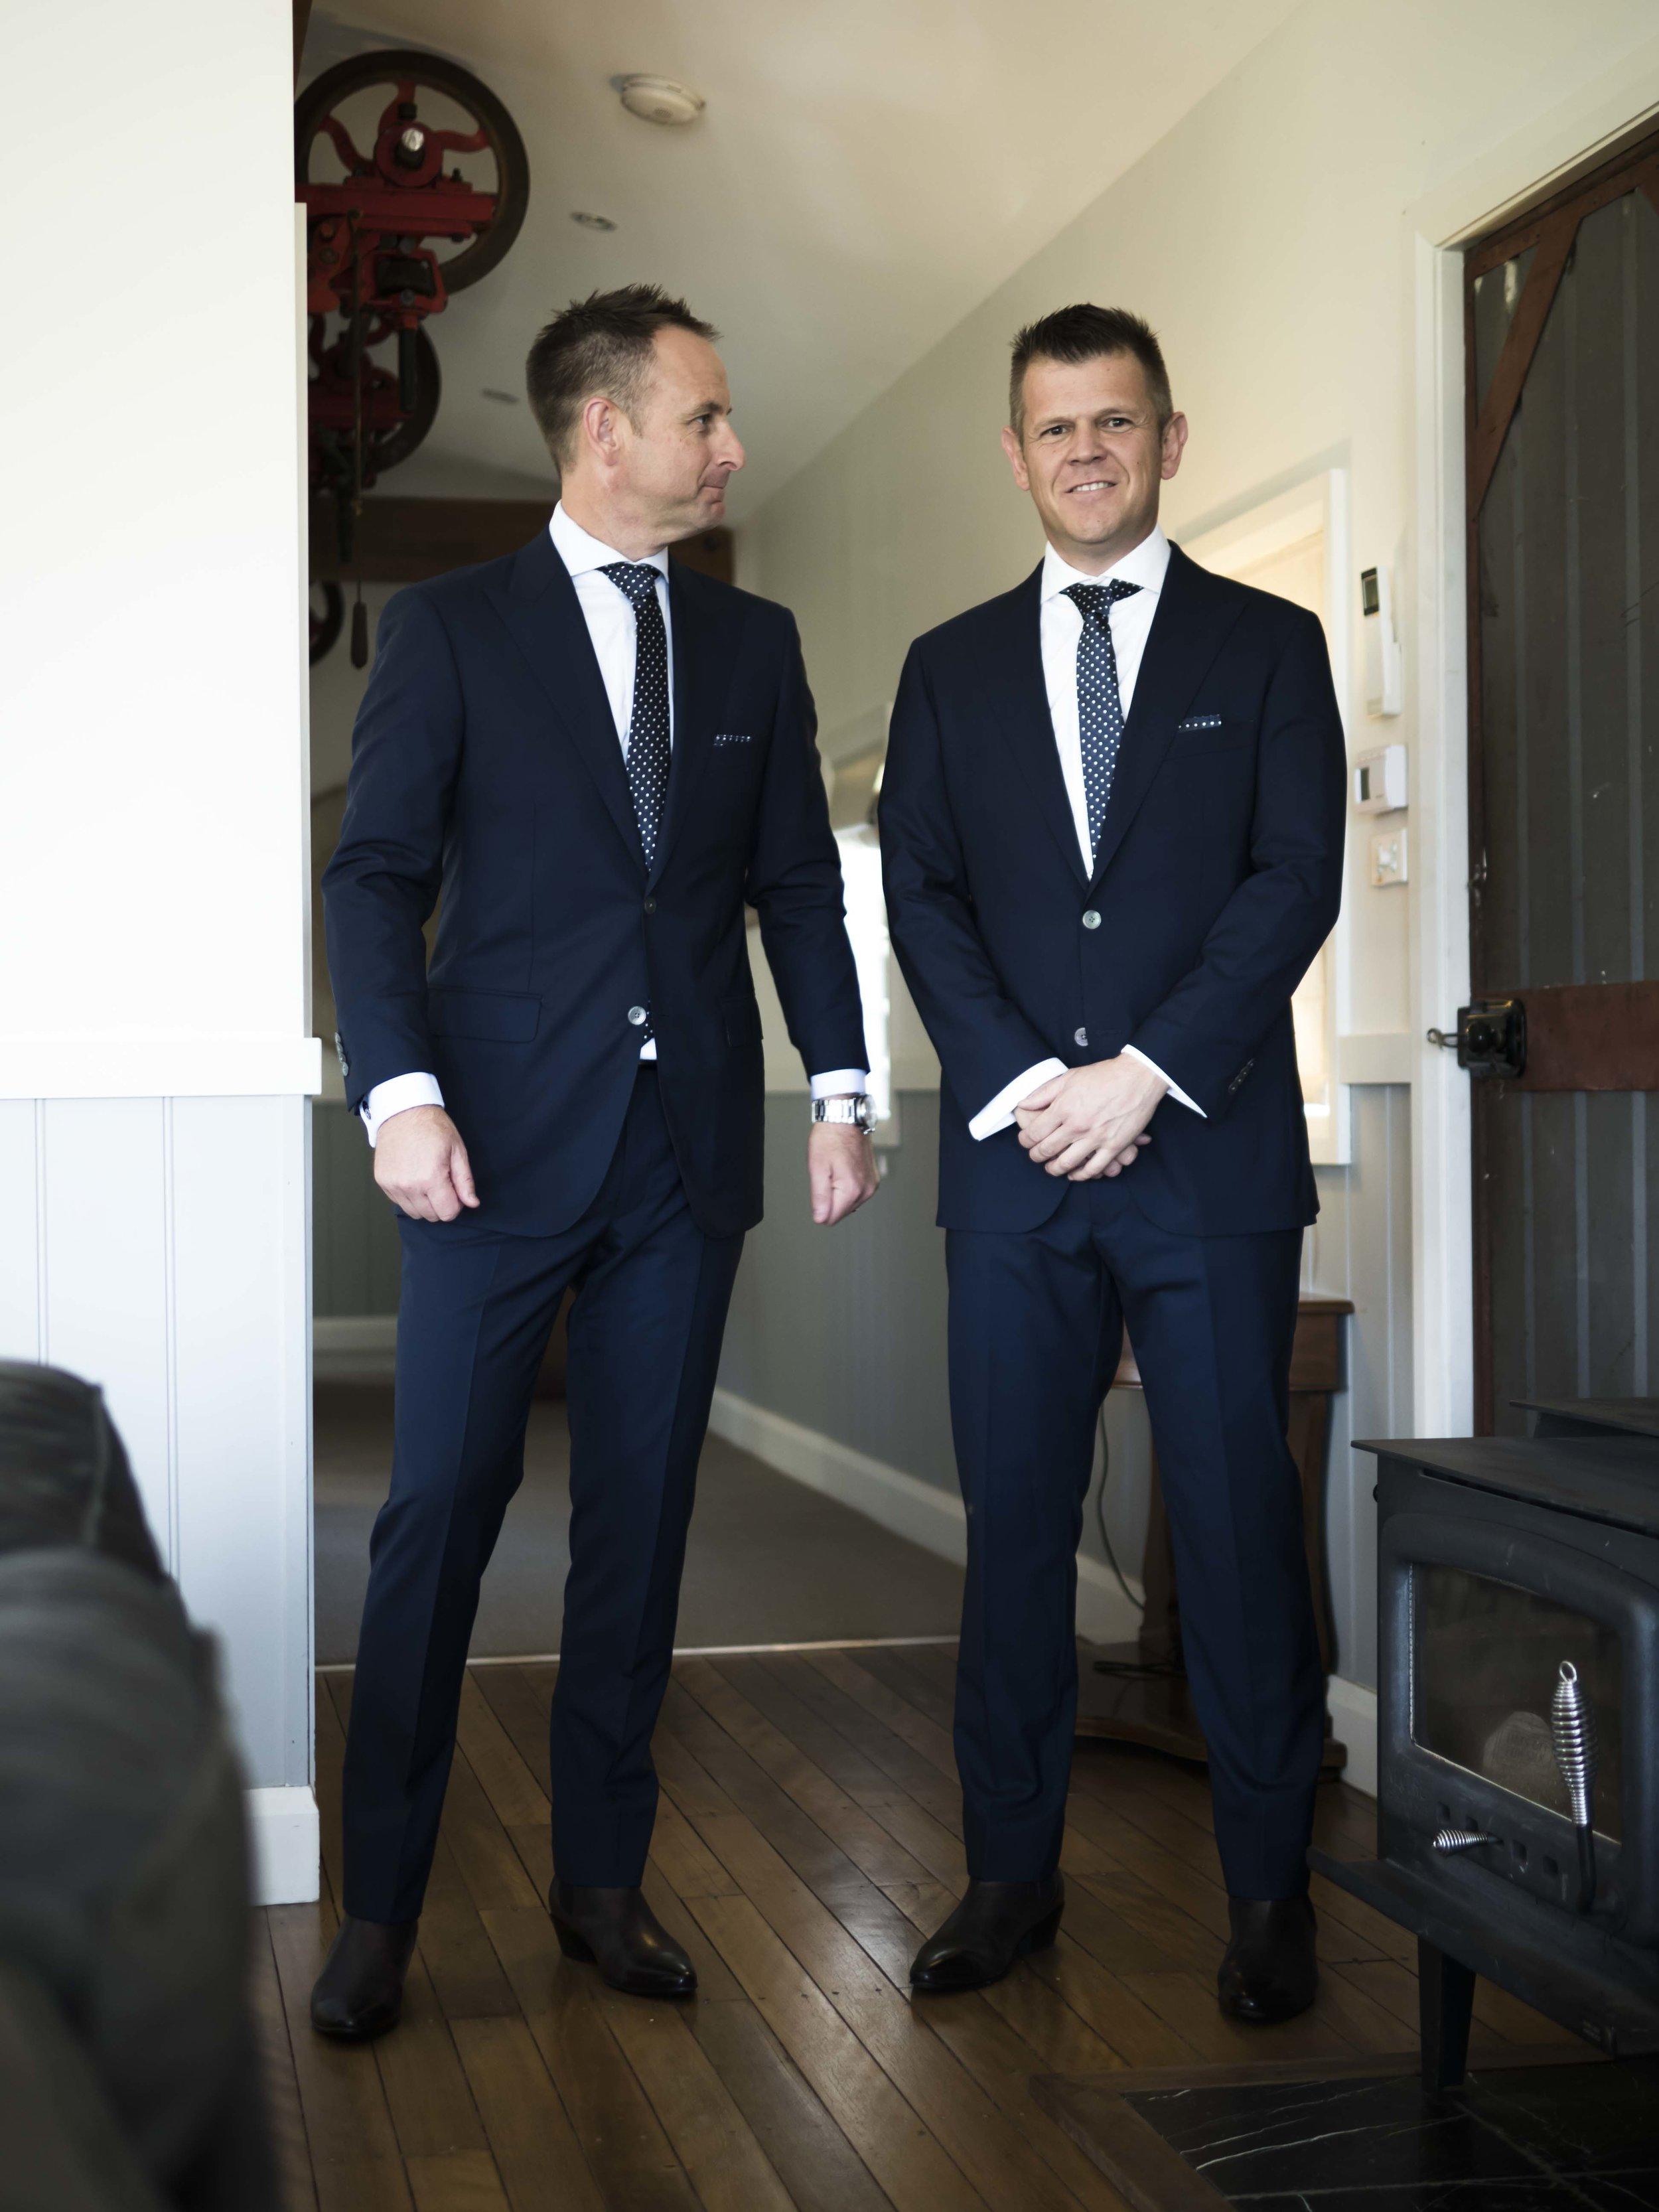 wedding841.jpg